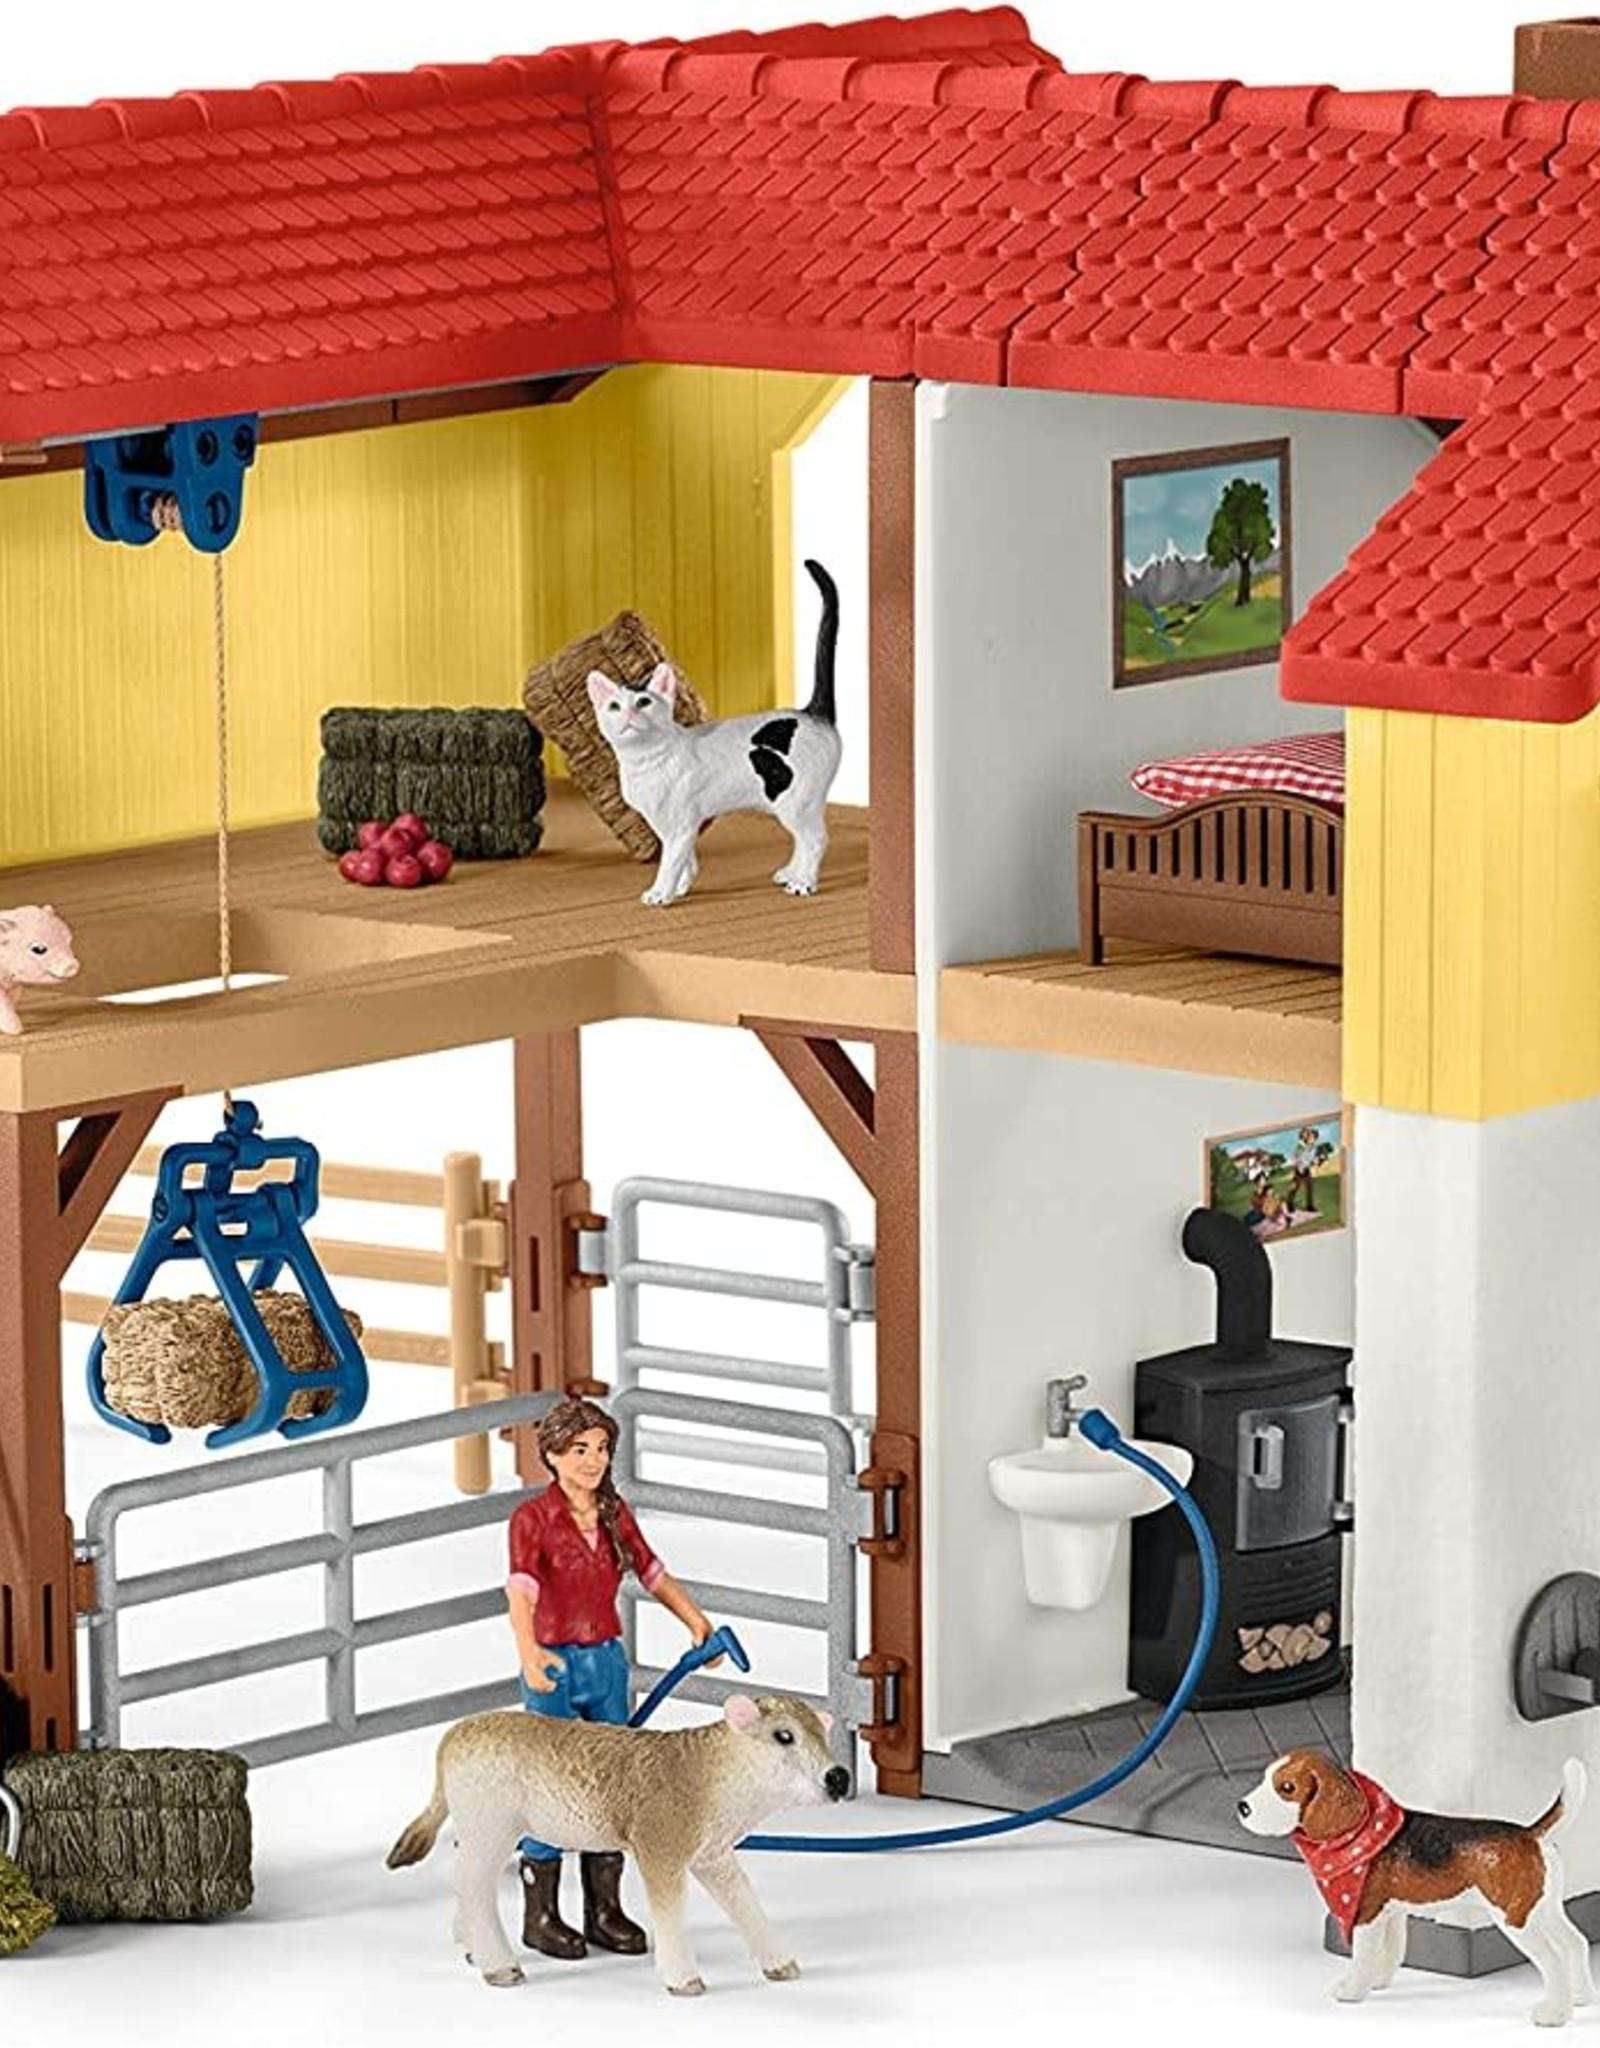 Schleich Schleich Large Farm House